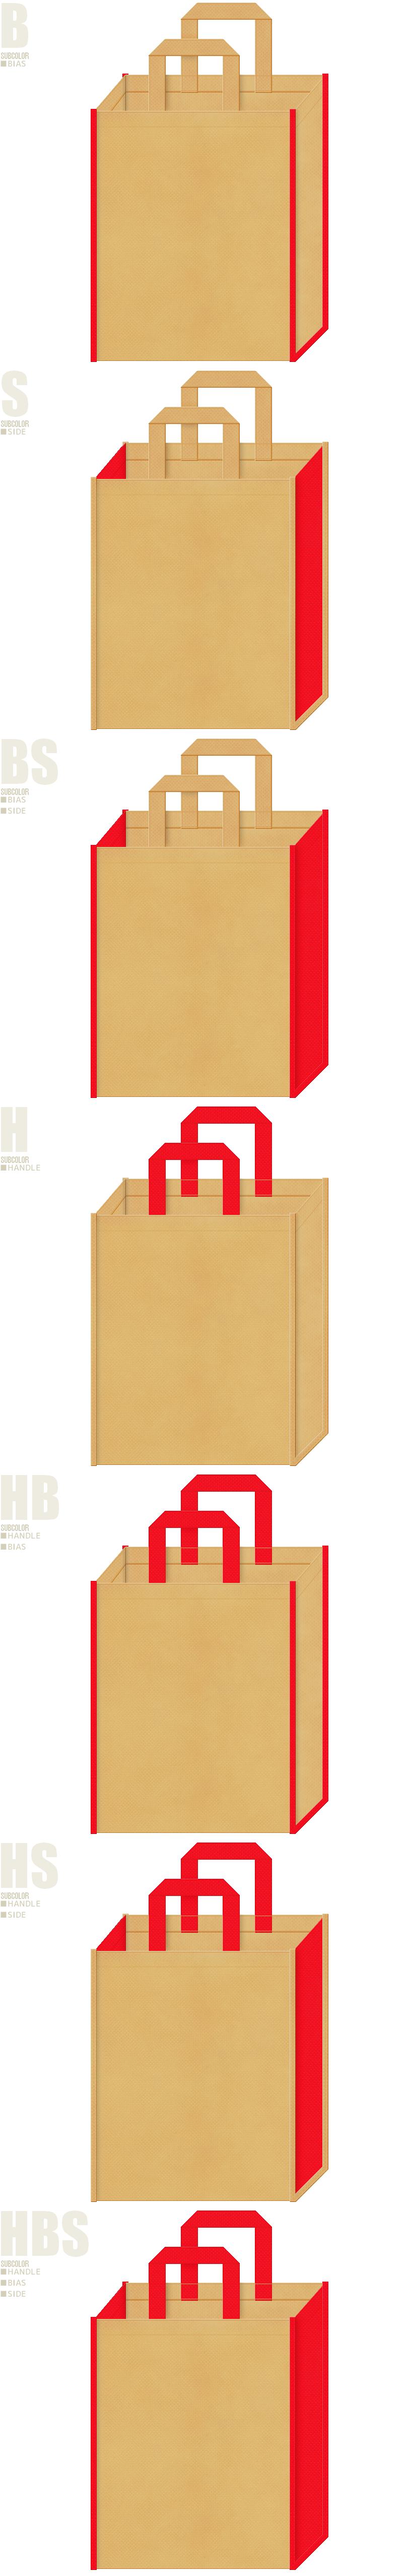 薄黄土色と赤色、7パターンの不織布トートバッグ配色デザイン例。節分用品にお奨めです。